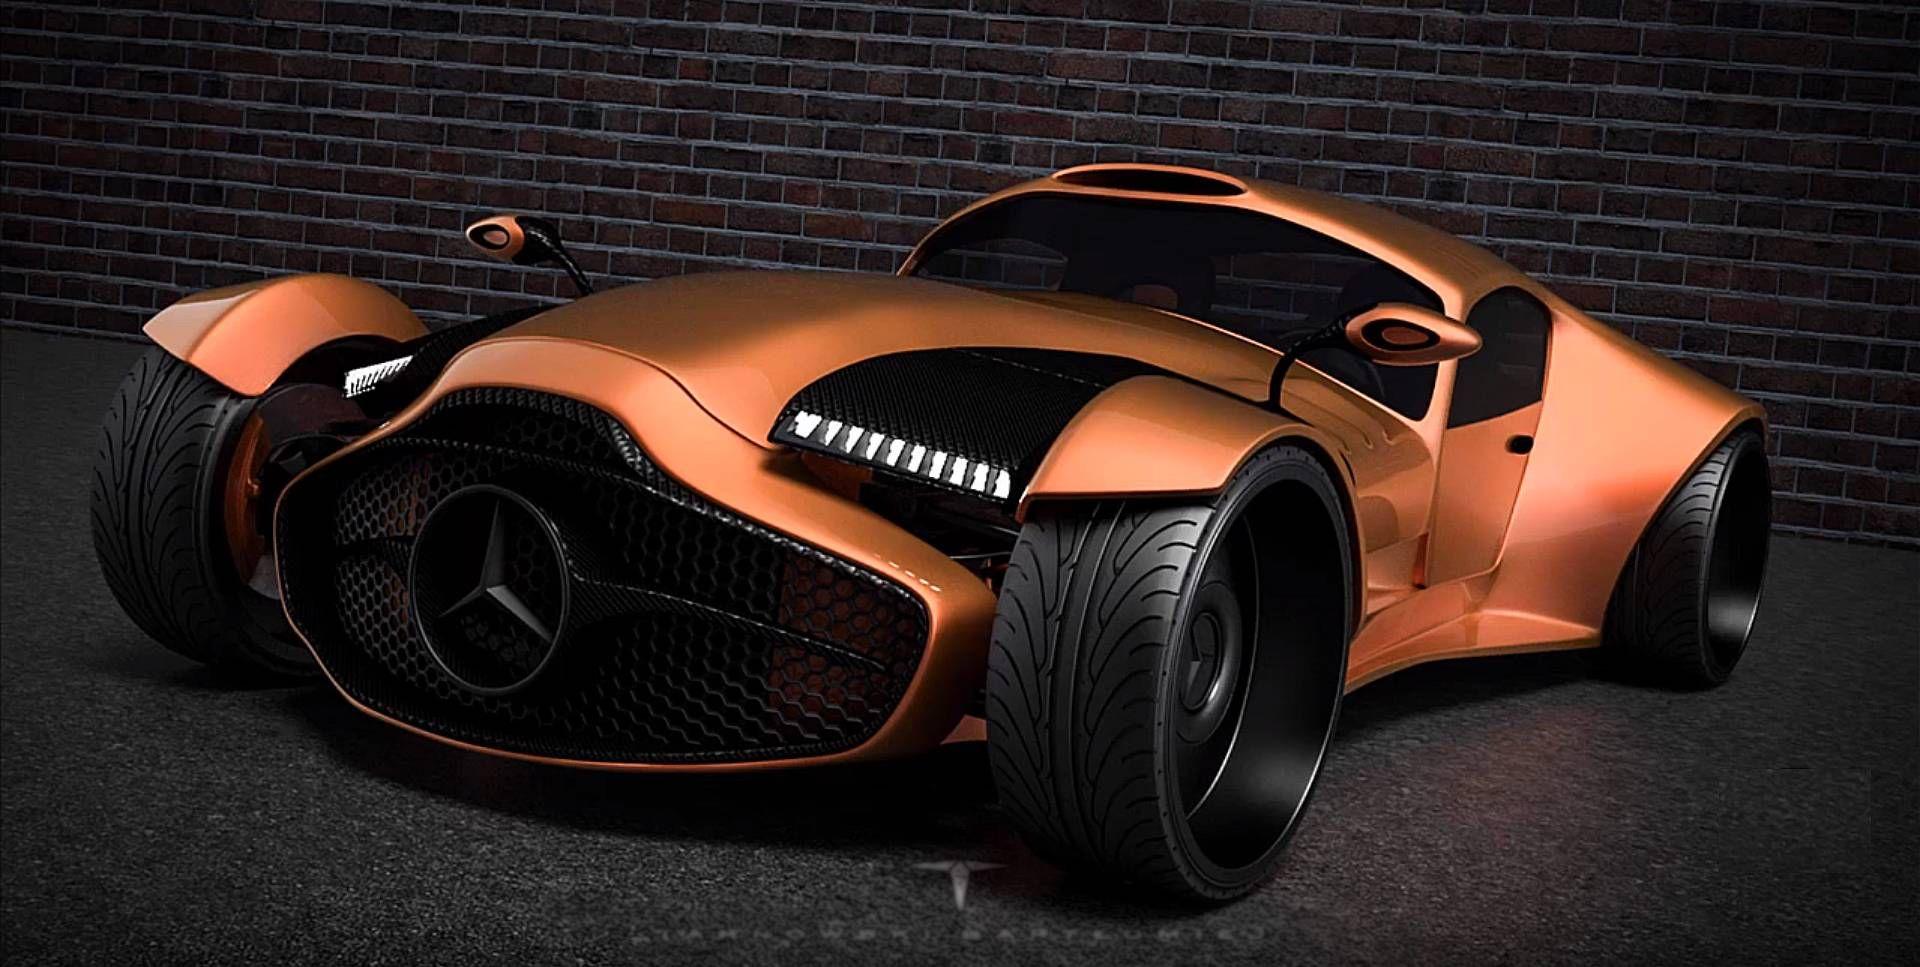 Mercedes Benz 540k Supercar Concept Mercedes Benz Super Cars Benz